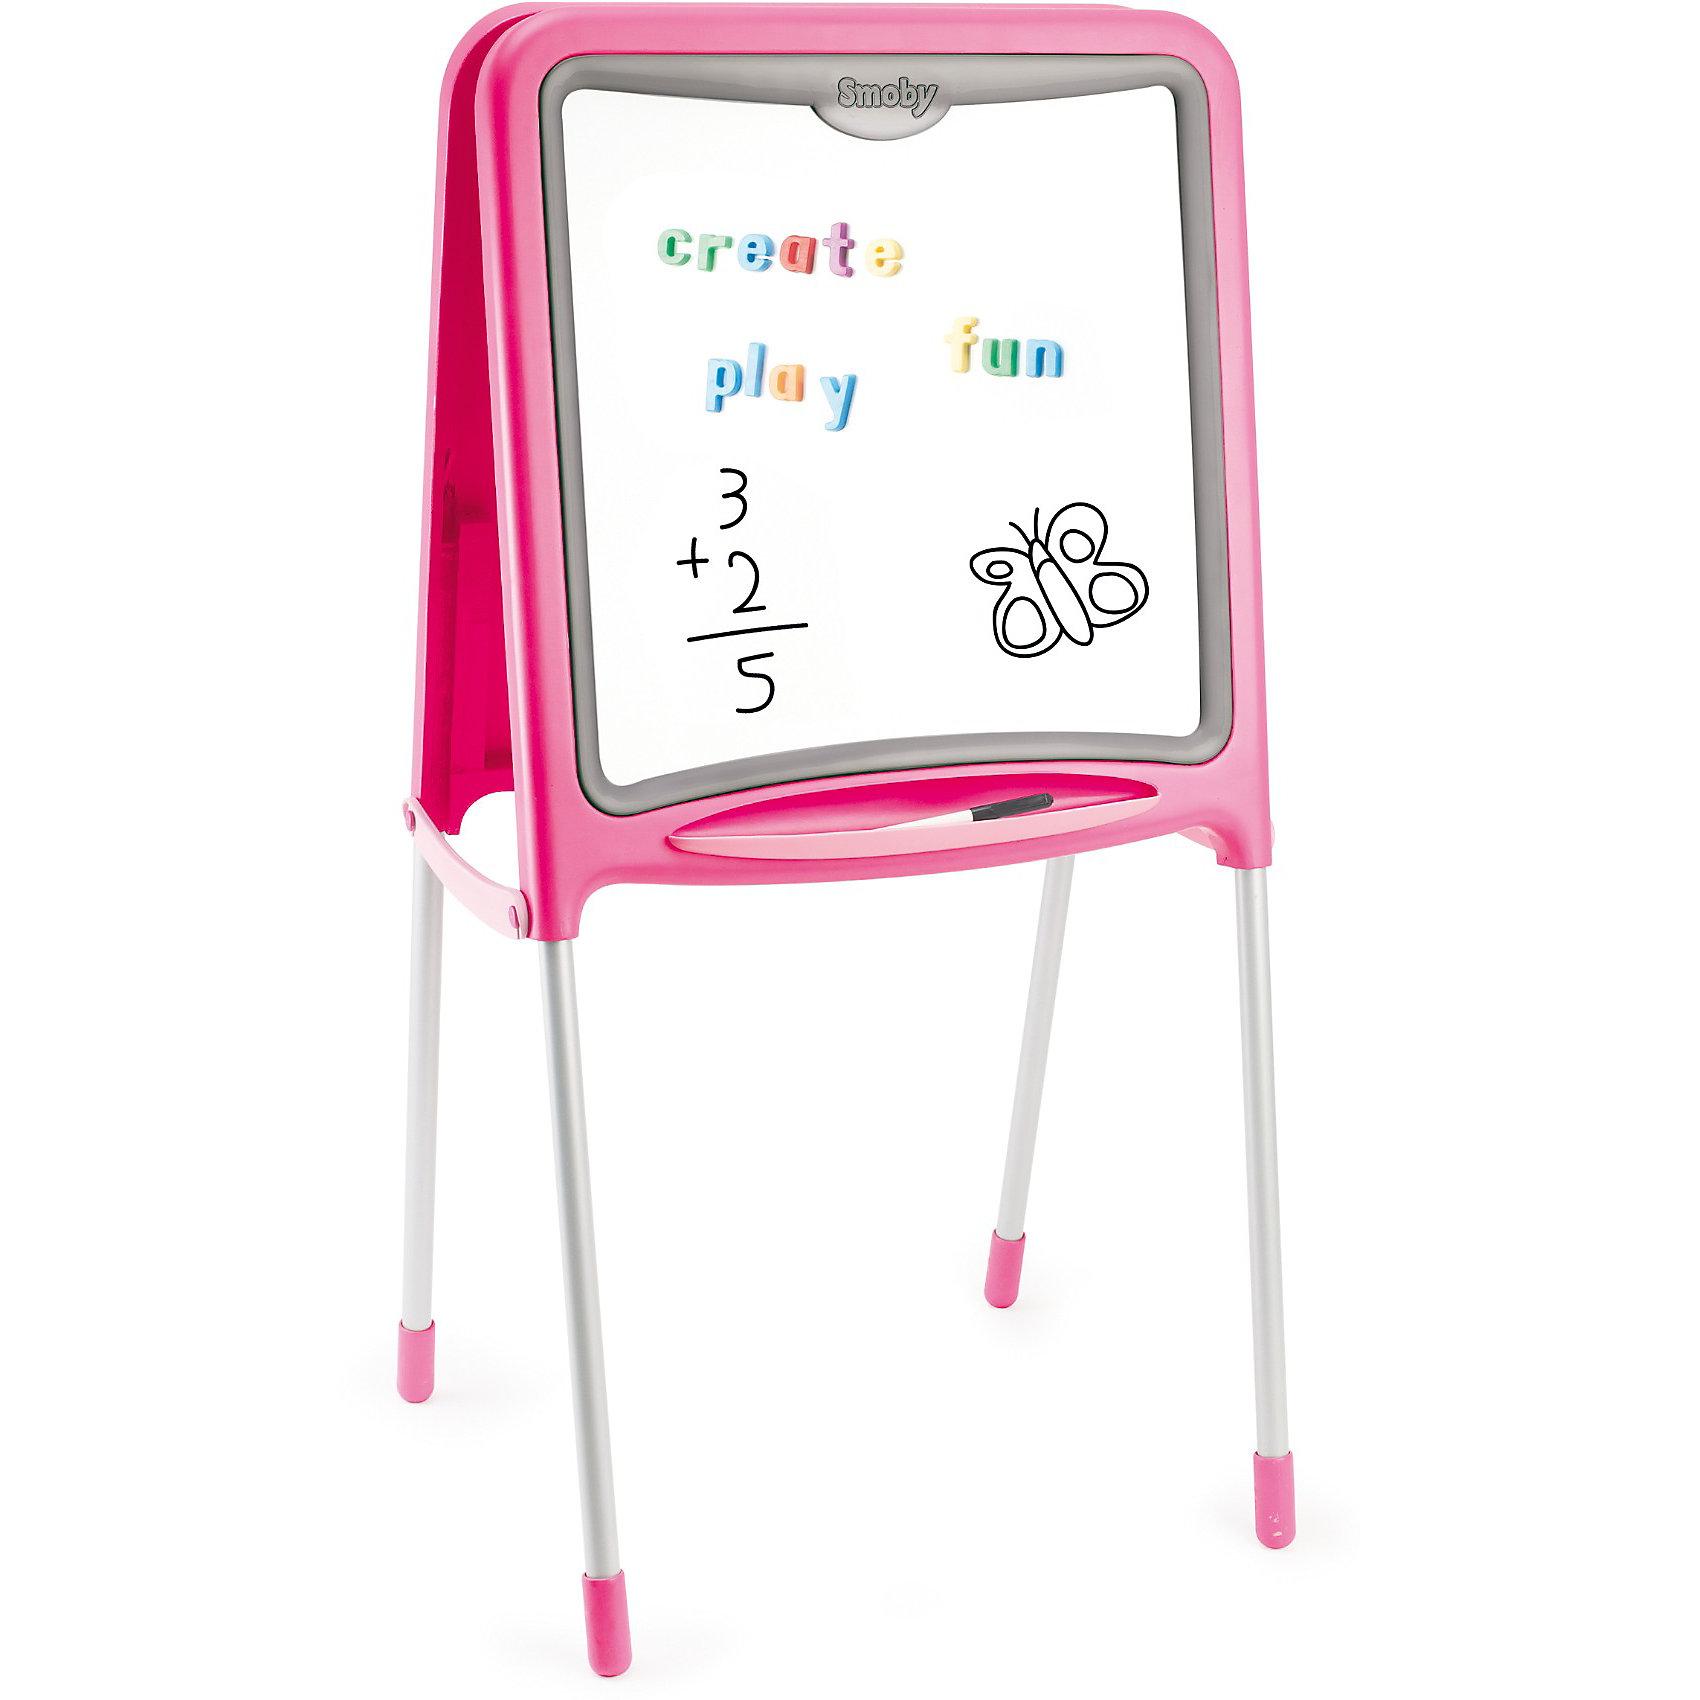 Двухсторонний складывающийся мольберт, розовый, SmobyМольберты и доски для рисования<br>Характеристики:<br><br>• аксессуары: 59 предметов, знаки, цифры, буквы английского алфавита, цветные мелки, маркер;<br>• материал: металл, пластик;<br>• размер мольберта: 52х48х105 см;<br>• размер упаковки: 61х55х11 см;<br>• вес: 4,8 кг.<br><br>Мольберт для рисования имеет две стороны, черную и белую, для рисования и крепления магнитиков. Входящие в комплект цифры и знаки помогают освоить счет, фигурки крепятся с помощью магнитиков. Рисовать можно мелками (на черной поверхности), стирая художества специальной губкой. Маркер хорошо рисует на белой стороне мольберта. <br><br>Мольберт Smoby оснащен подставкой для мелков и маркеров. В сложенном состоянии мольберт занимает мало места. <br><br>Двухсторонний складывающийся мольберт, розовый, Smoby можно купить в нашем магазине.<br><br>Ширина мм: 607<br>Глубина мм: 457<br>Высота мм: 441<br>Вес г: 5630<br>Возраст от месяцев: 36<br>Возраст до месяцев: 72<br>Пол: Женский<br>Возраст: Детский<br>SKU: 3725345